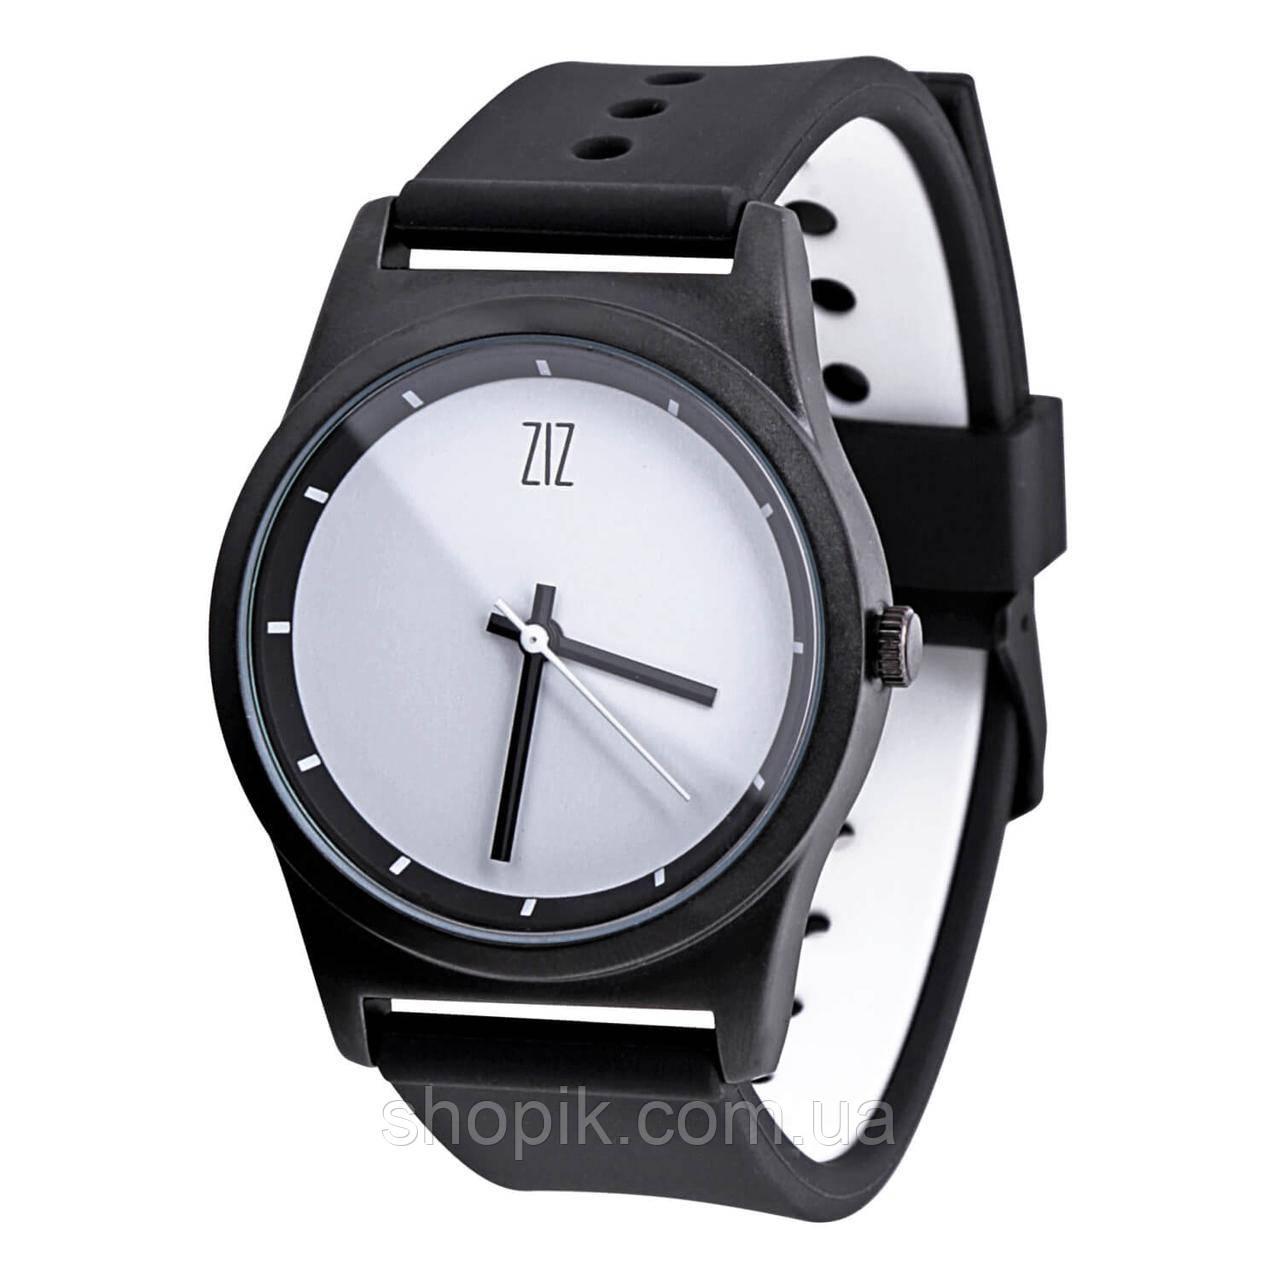 Часы ZIZ White на силиконовом ремешке + доп. ремешок + подарочная коробка (4100244) SHOPIK